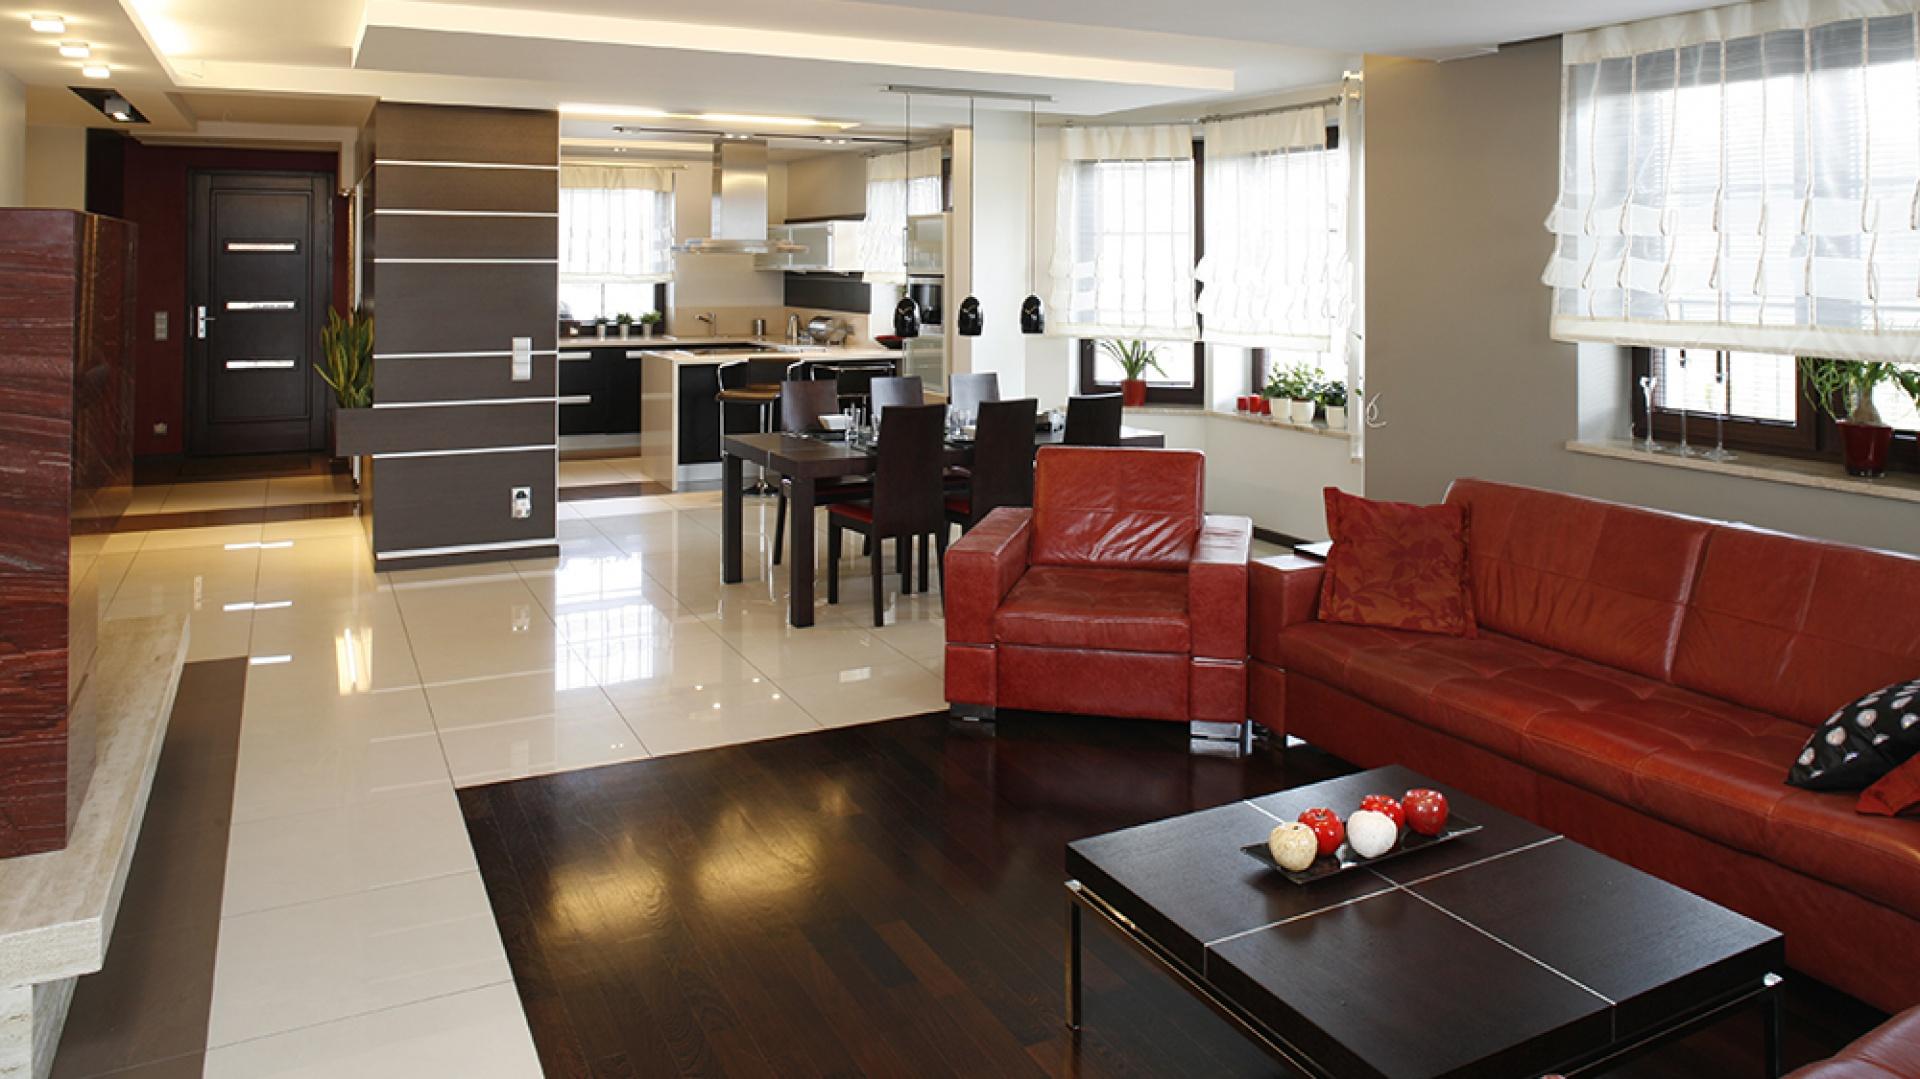 Kuchnia, jadalnia oraz salon zlokalizowane są na wspólnej przestrzeni parteru. Kolor czerwony jest tu motywem przewodnim. W jadalni – tapicerowane czerwoną skórą krzesła (Paged Meble), w kuchni – dodatki. Fot. Bartosz Jarosz.